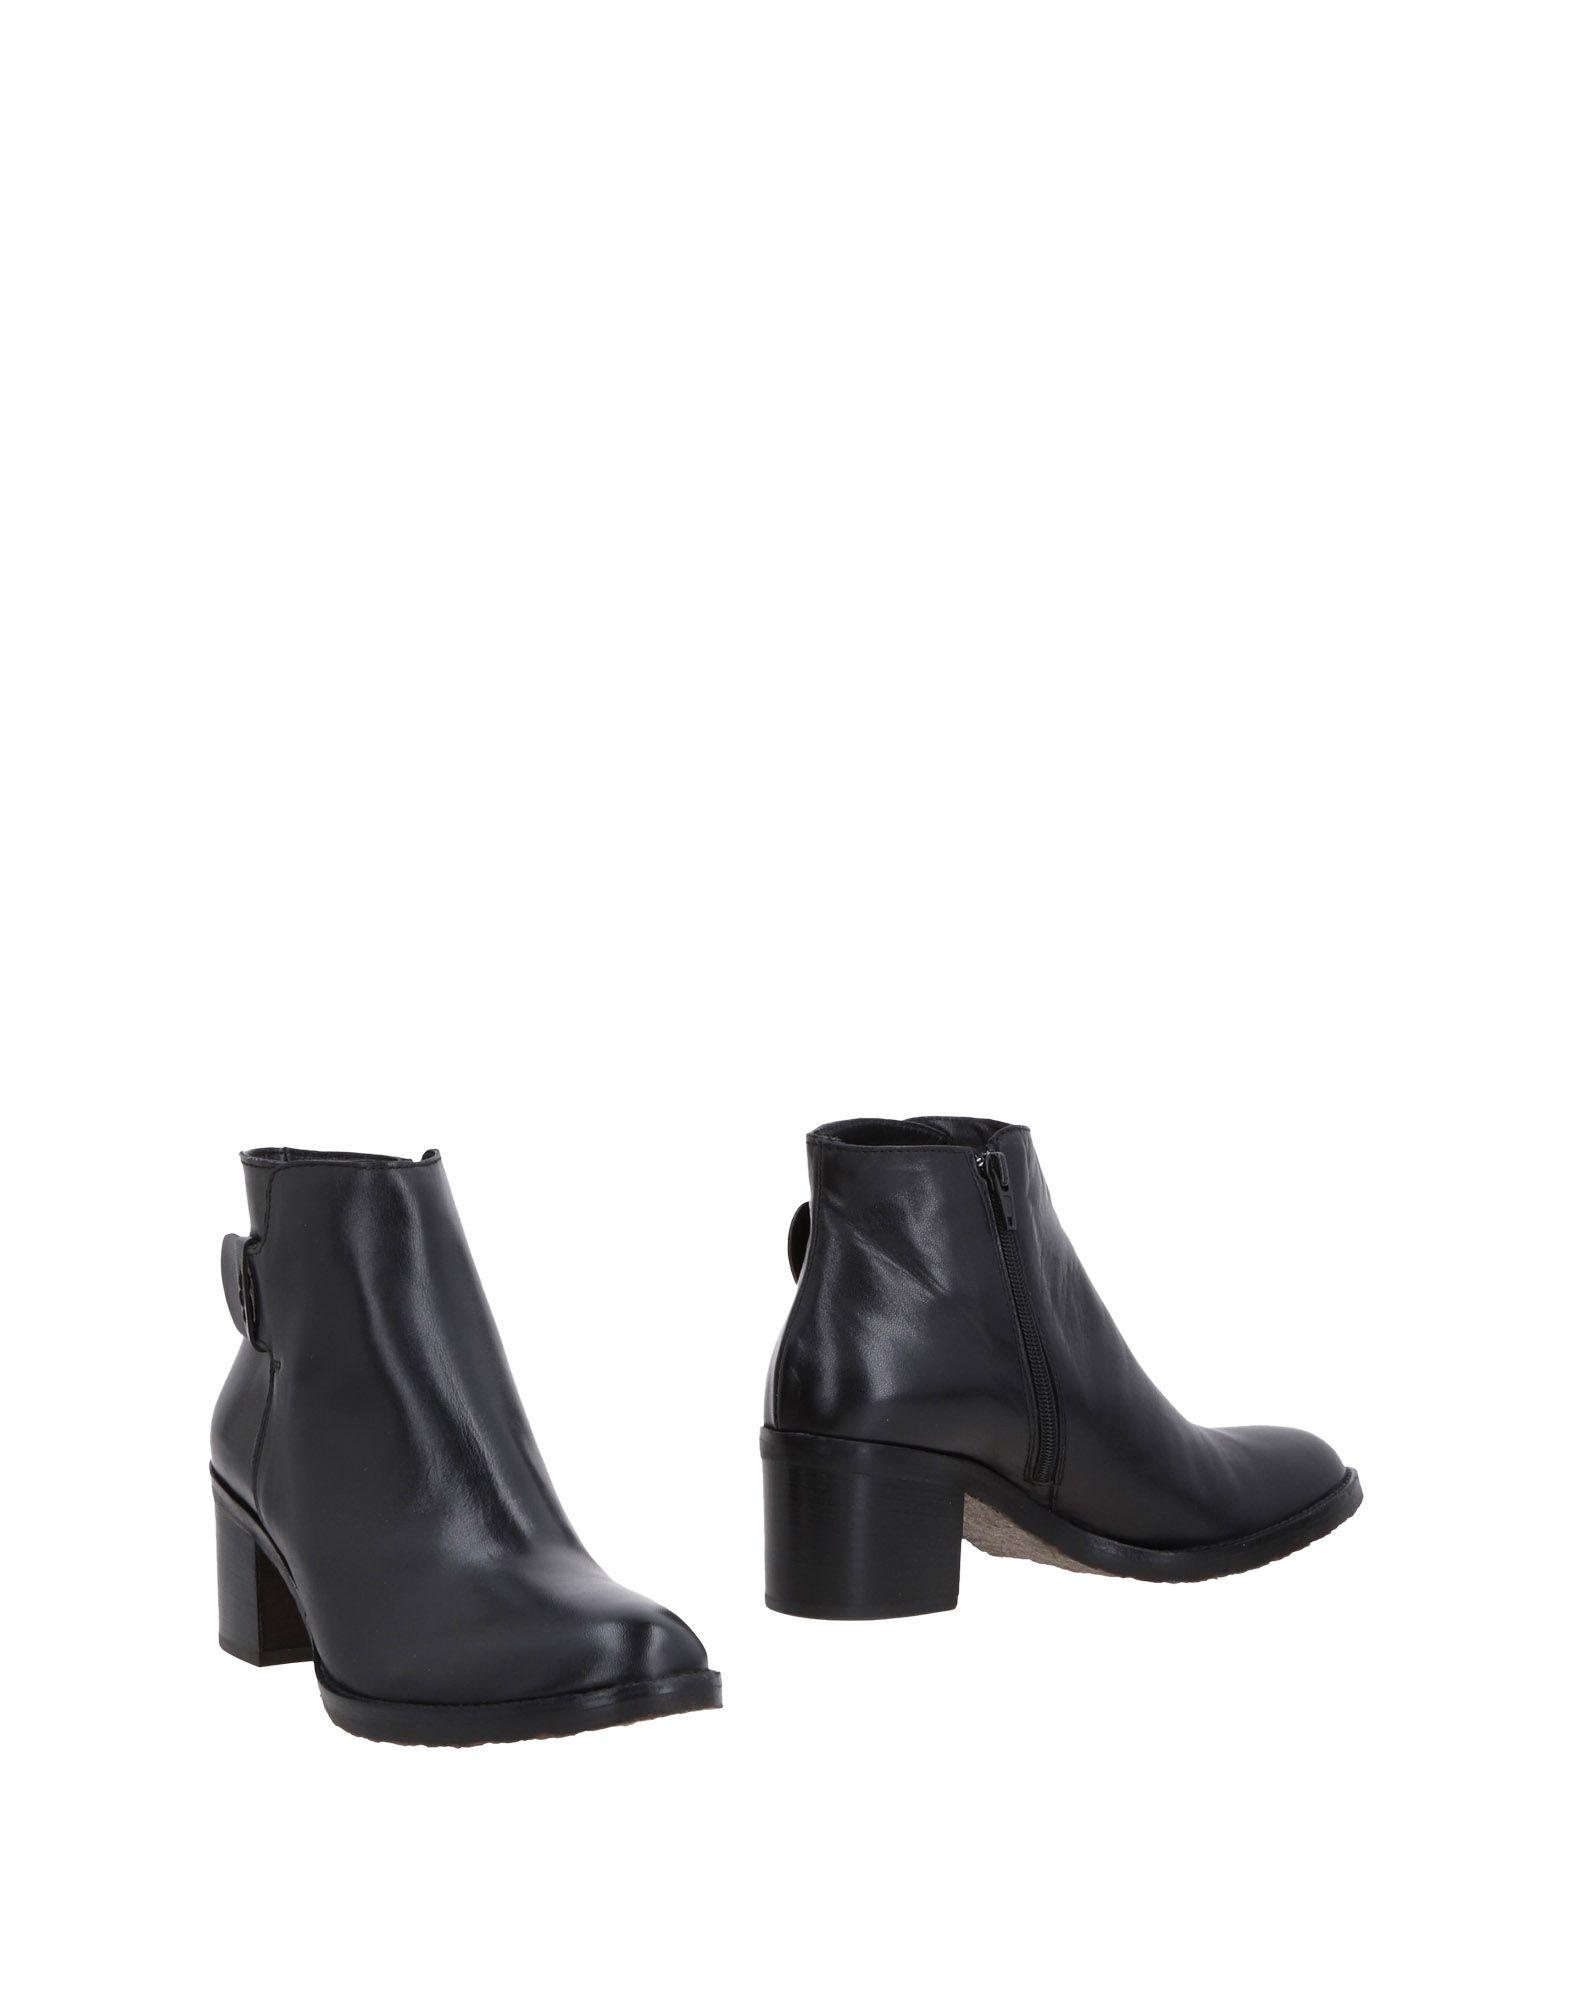 Ubi Major Stiefelette Damen  Schuhe 11467295FJ Gute Qualität beliebte Schuhe  838a94